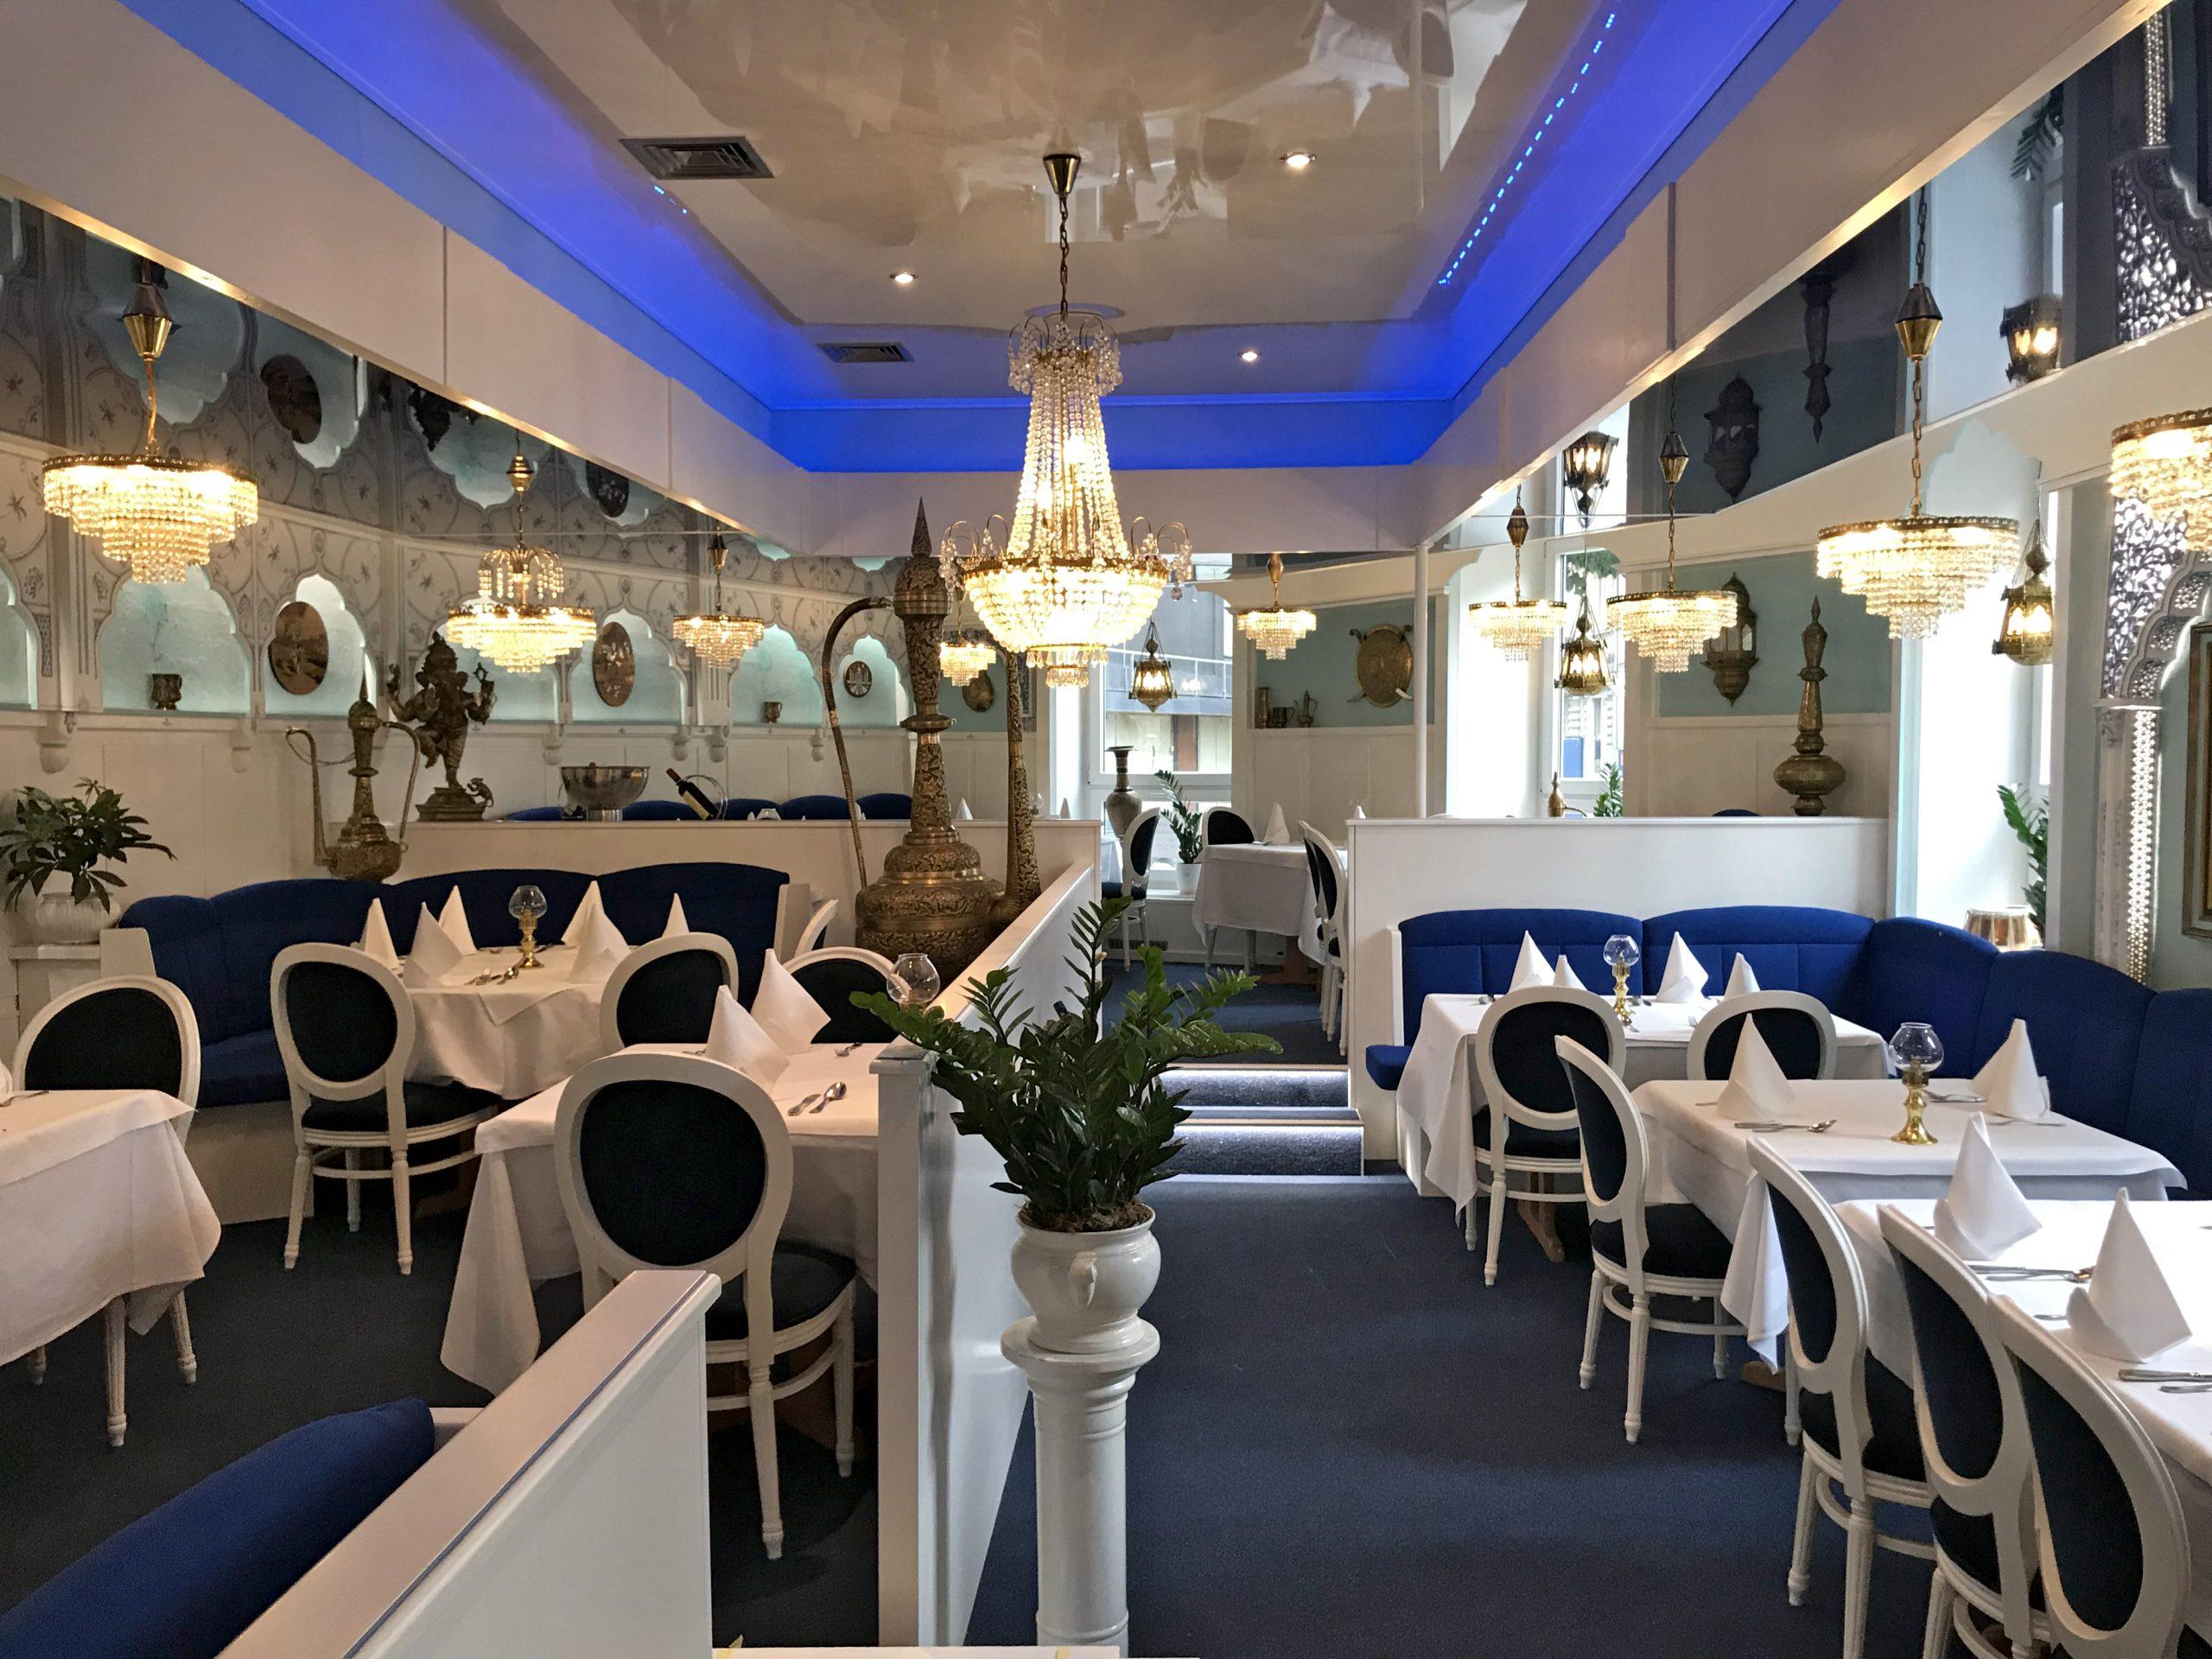 Indisches Restaurant Punjab – Maier & Langecker bei Karlsruhe Indisches Restaurant